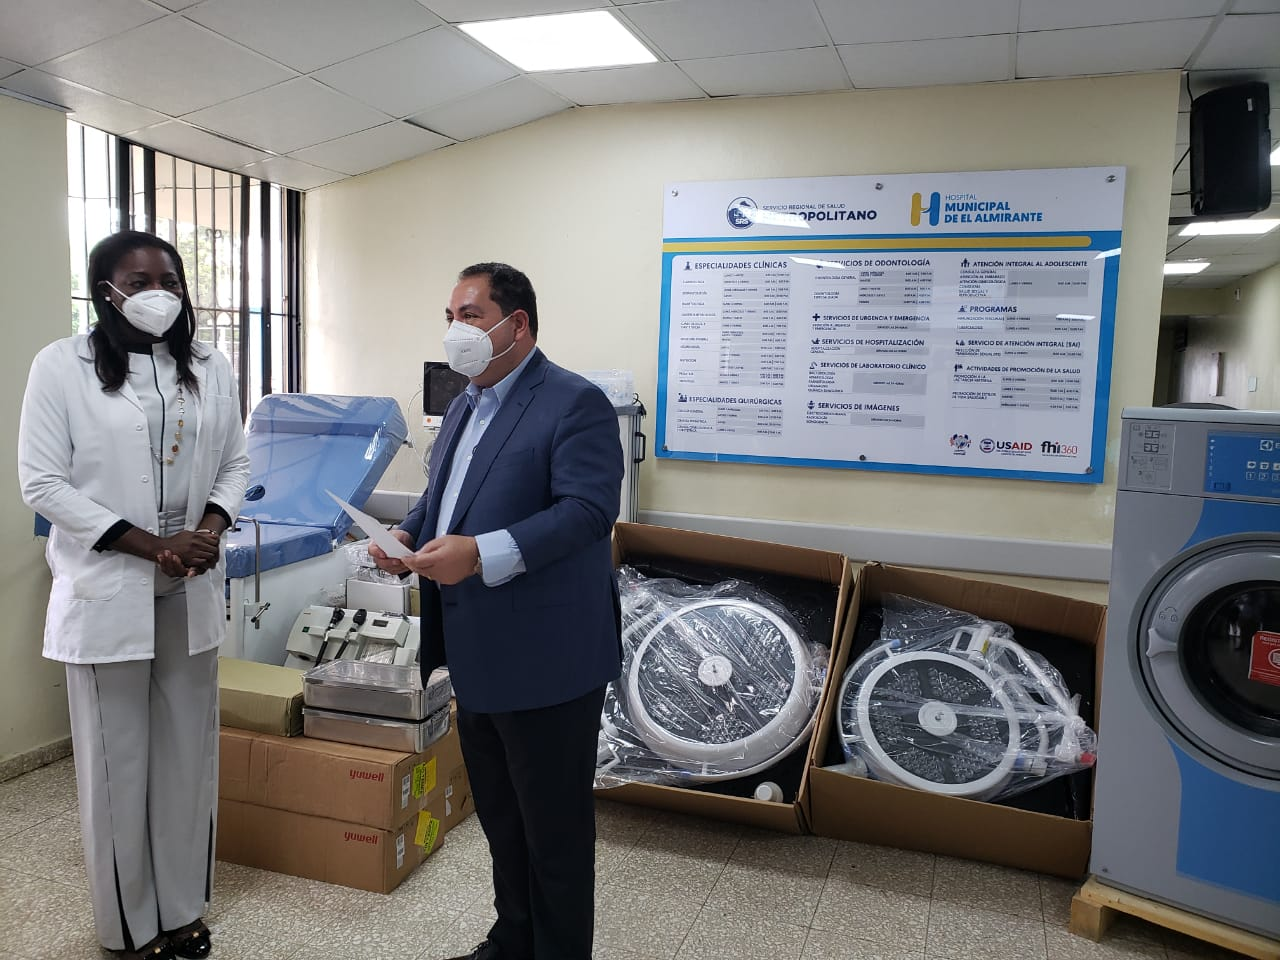 Director del Servicio Nacional de Salud (SNS) entrega equipos al Hospital Local El Almirante